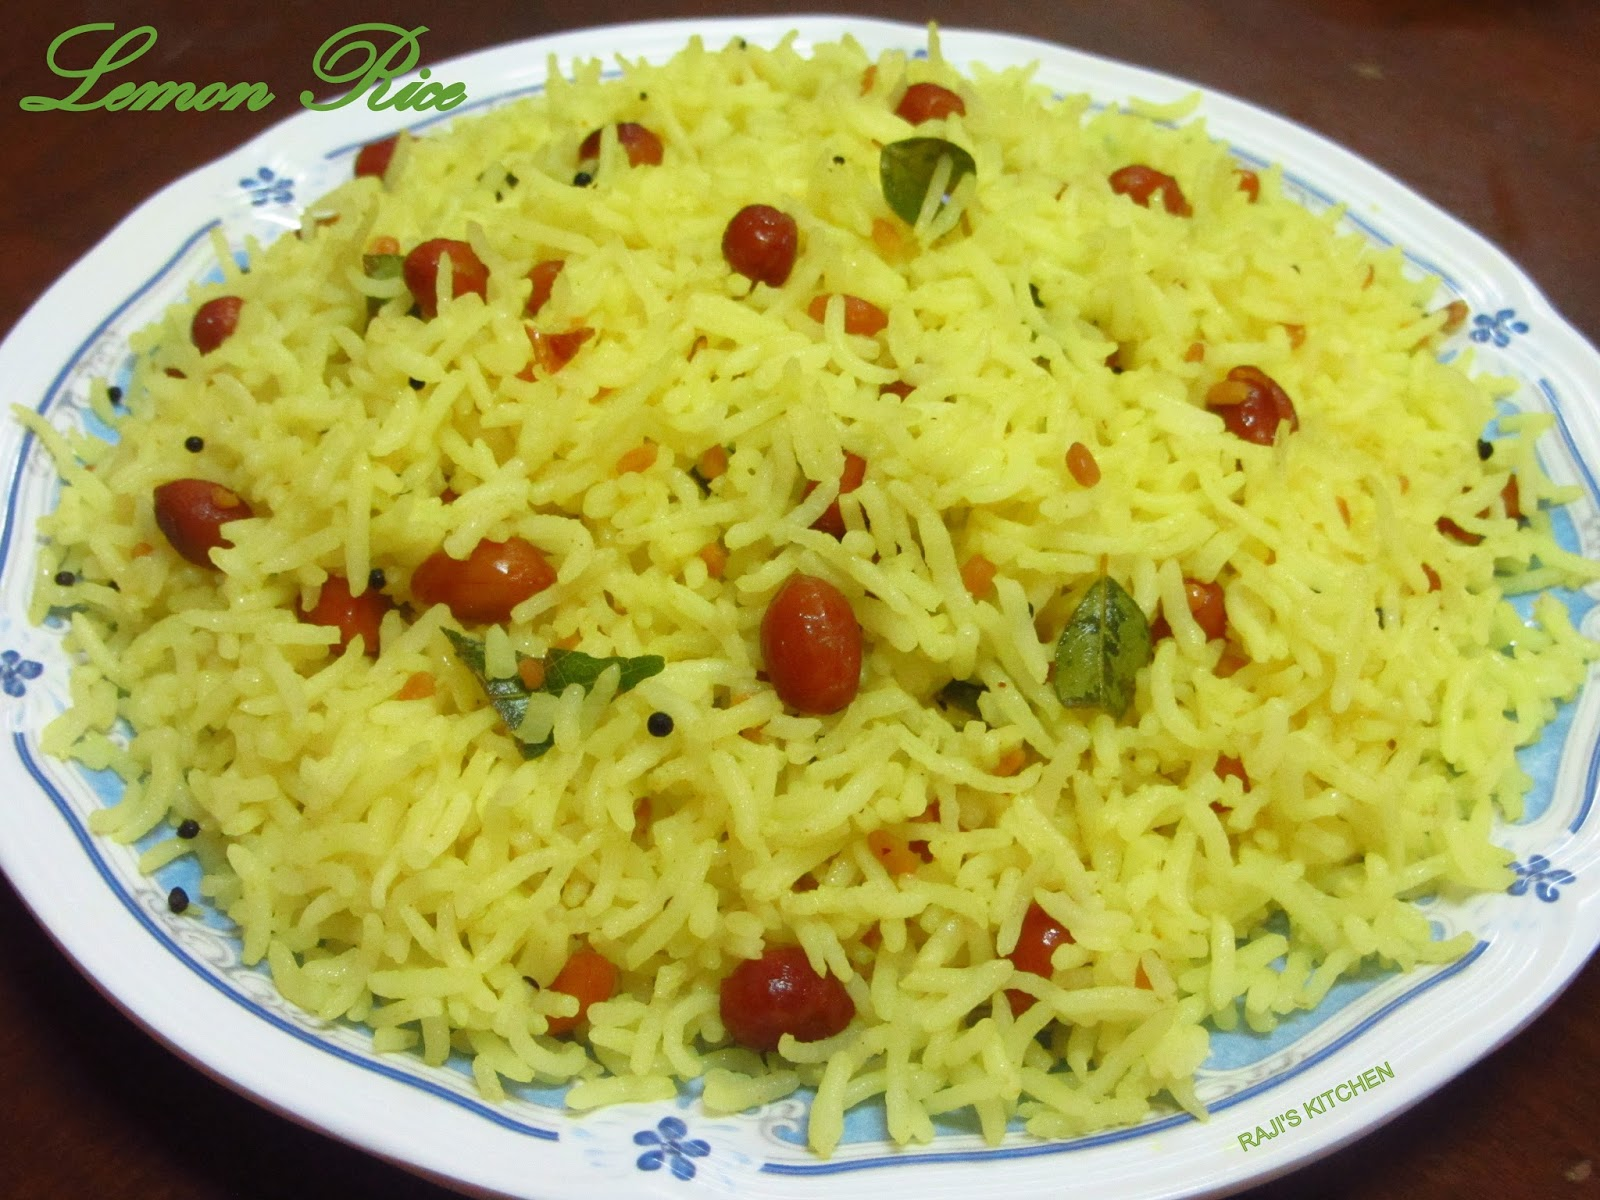 Lemon Rice Hd Images